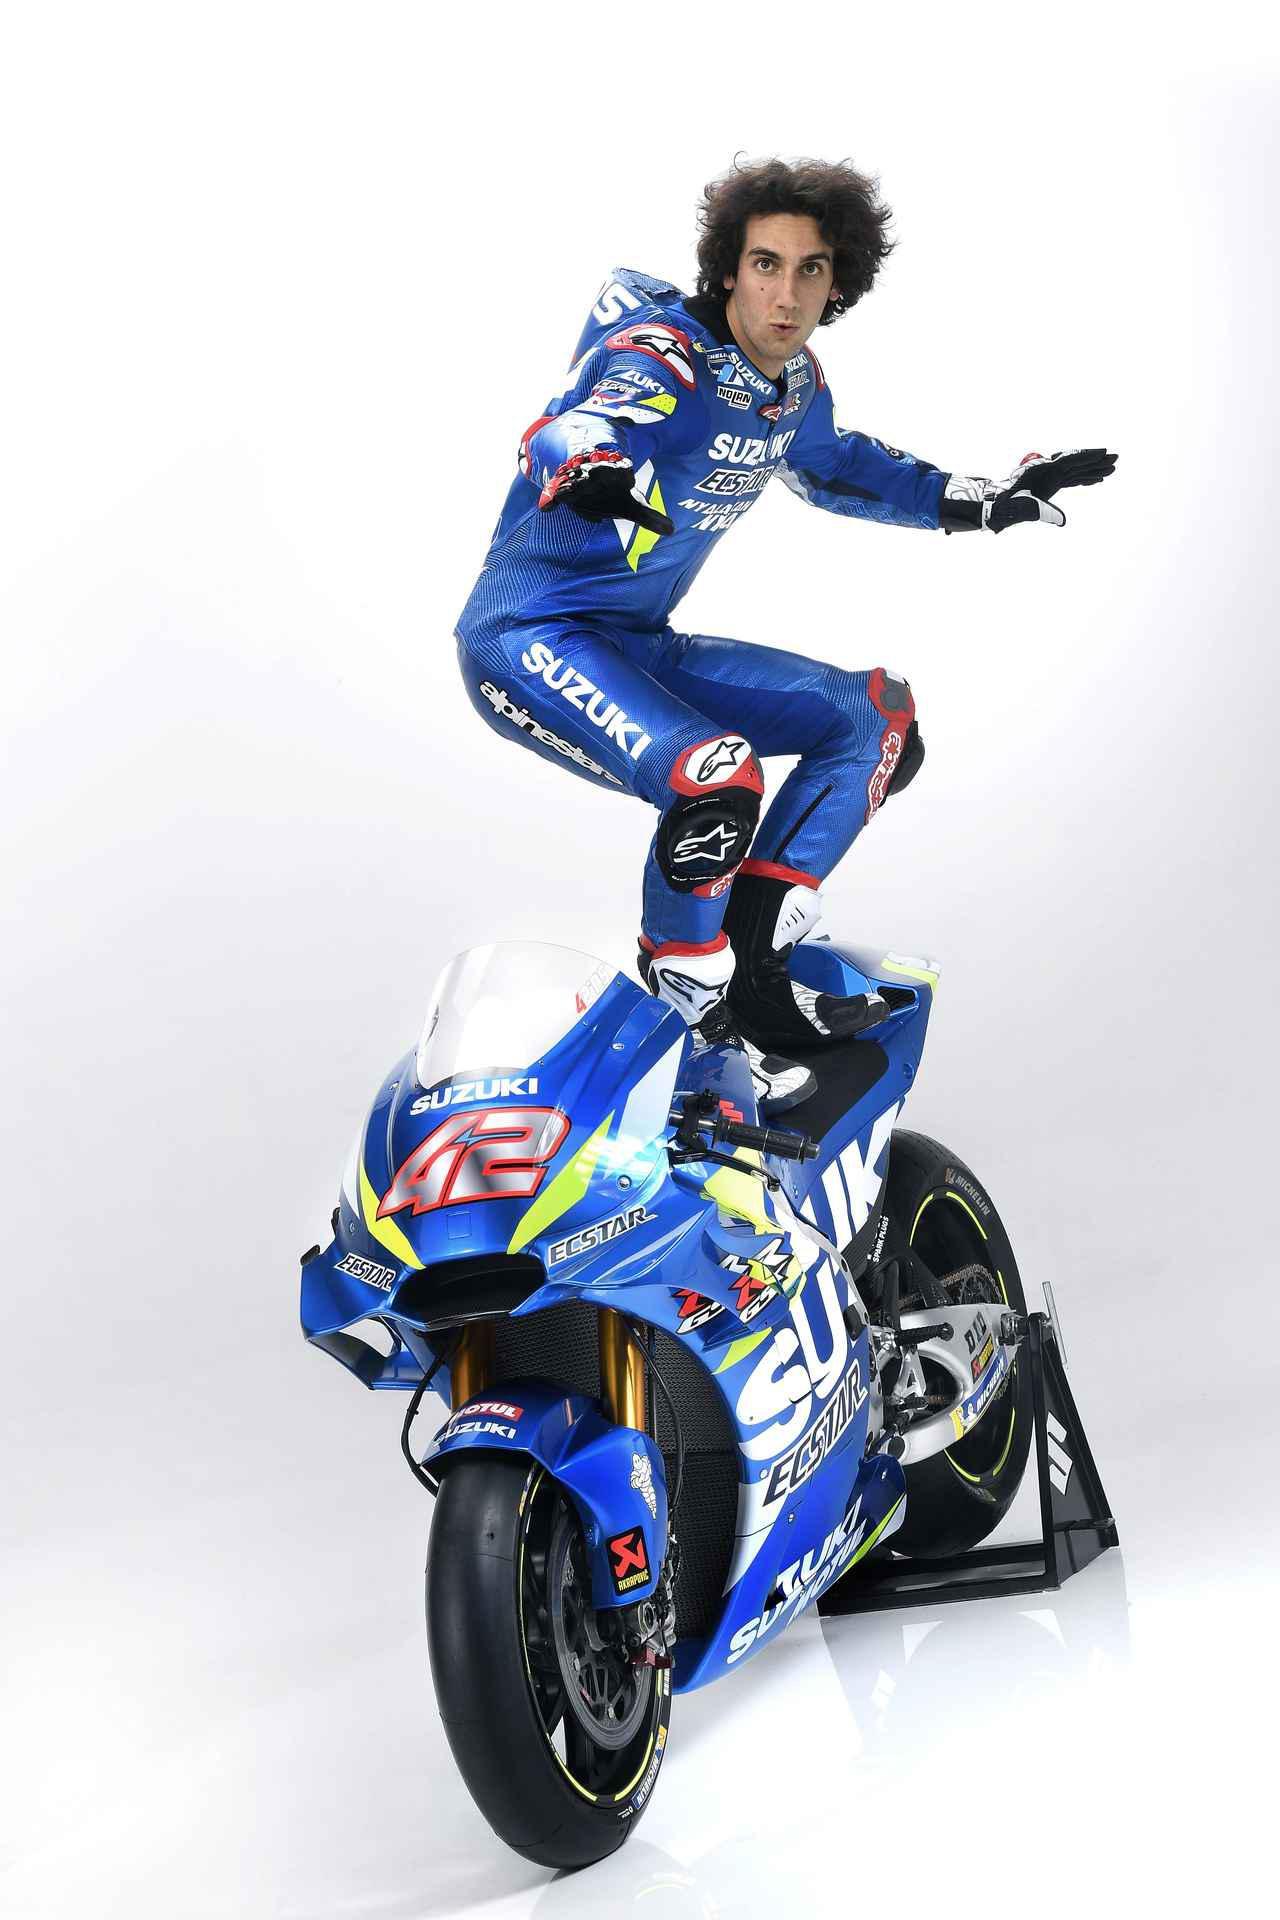 画像: 【感無量】アレックス・リンス復活!? 0.013秒差で逆転勝利を決めた想い出のイギリスGPで2位表彰台獲得!【100%スズキ贔屓のバイクレース㉖/MotoGP 2021】